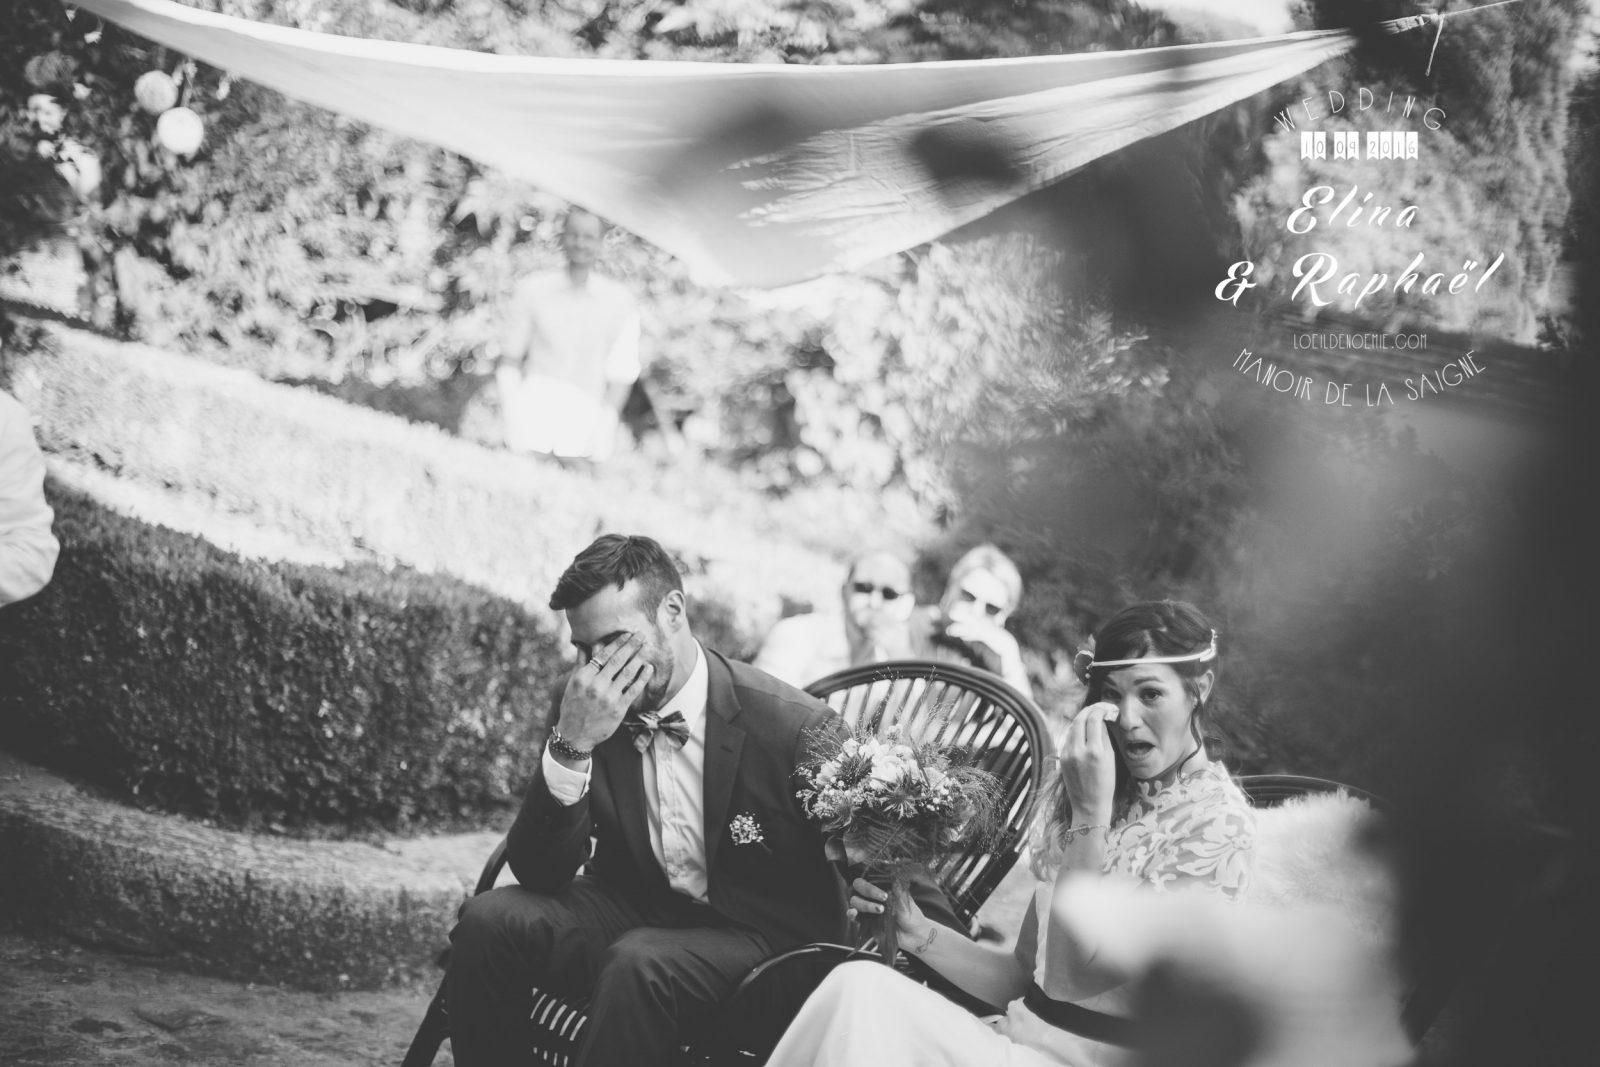 photo cérémonie laïque de mariage, manoir de la saigne, par L'oeil de Noémie photographe à Vichy en Auvergne et partout en France